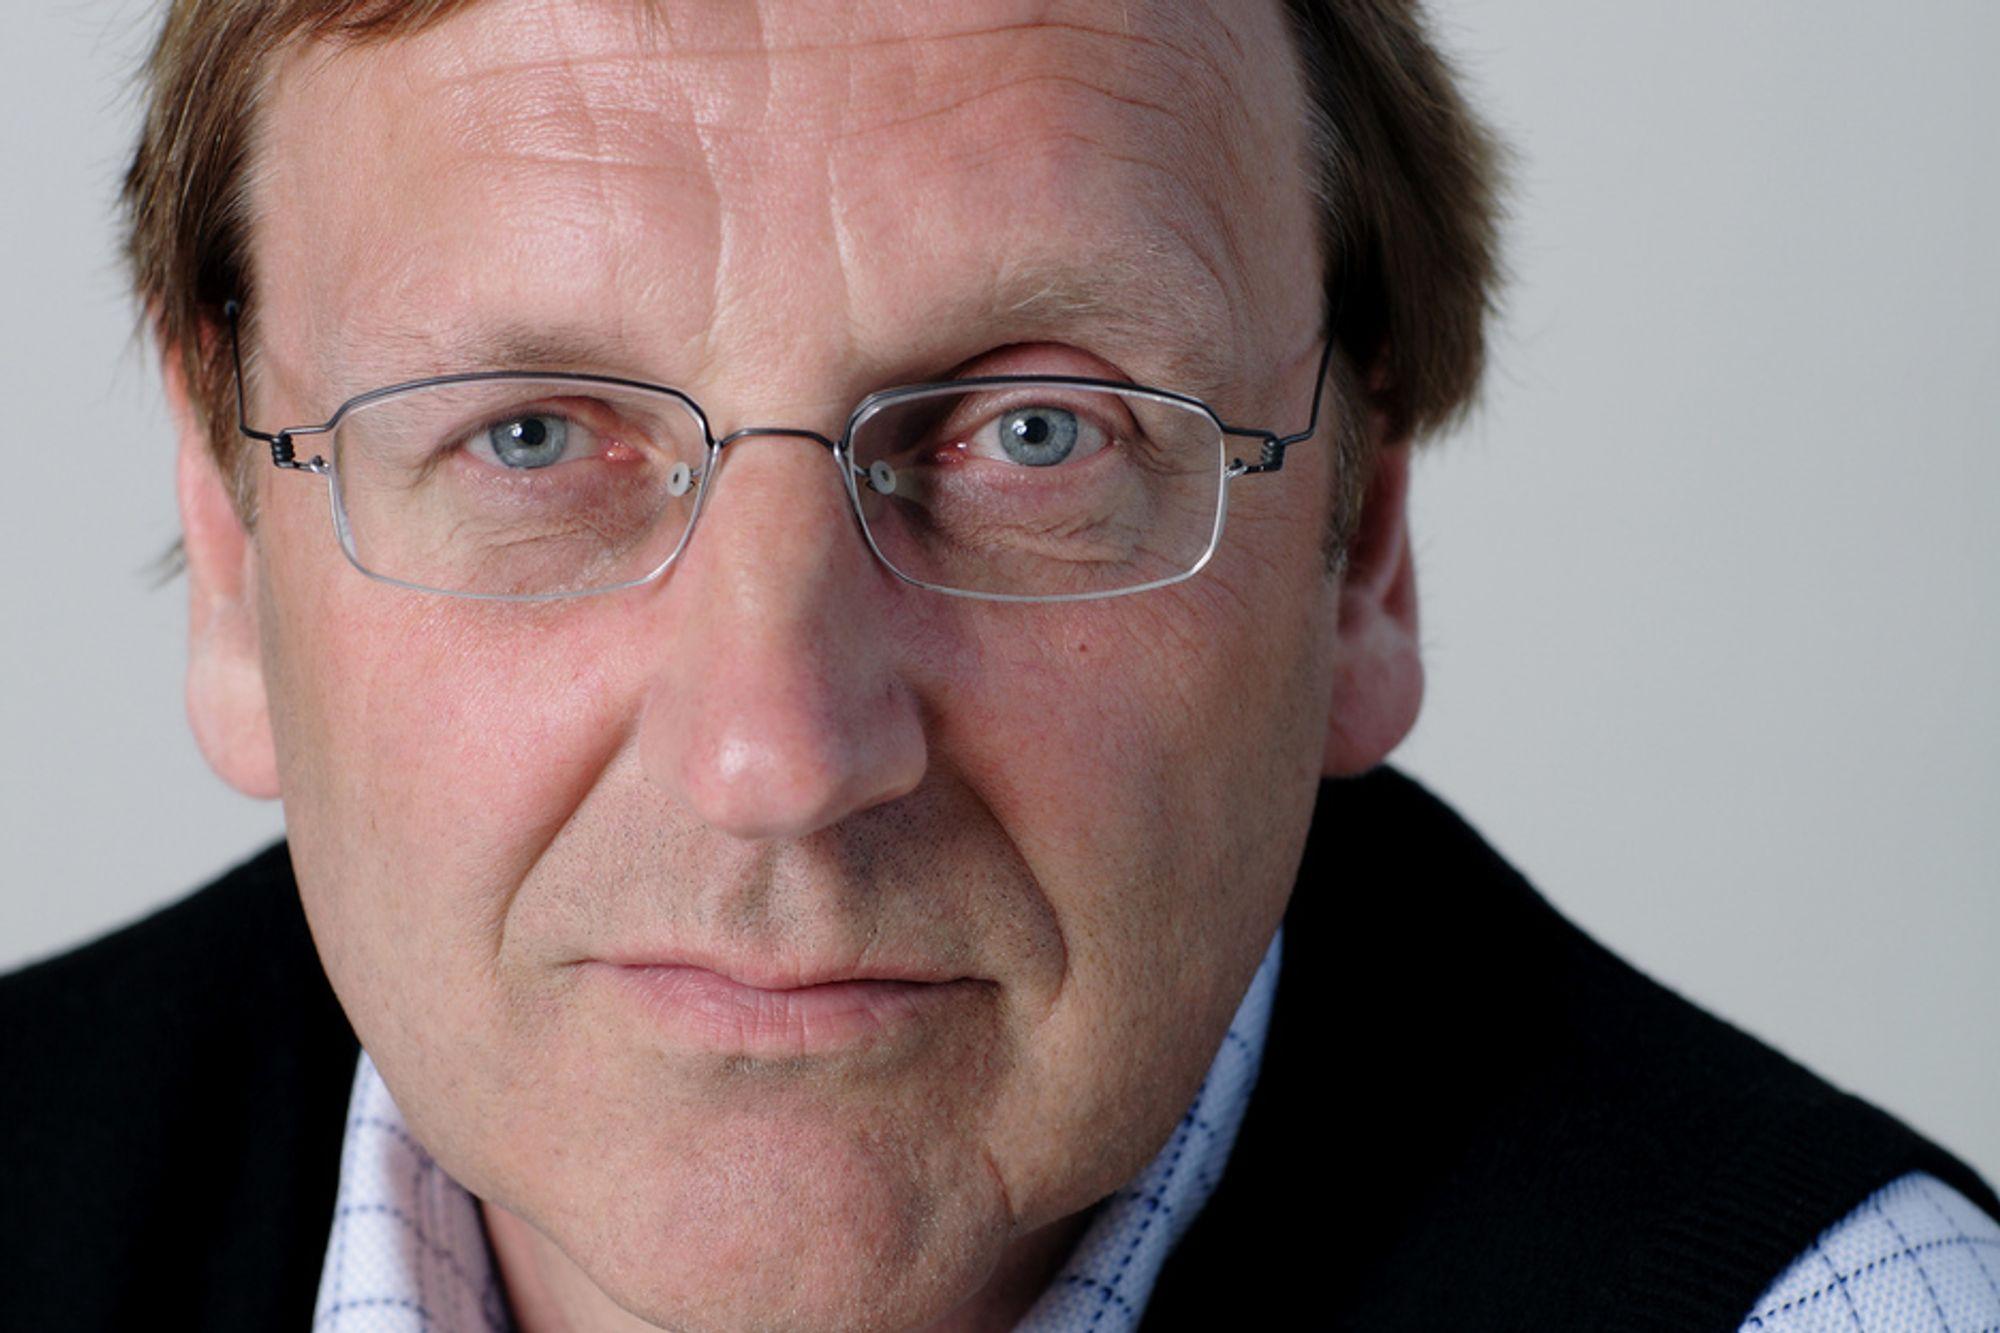 Ansvarlig redaktør Tormod Haugstad mener man heller bør være føre var enn etterpåklok når det gjelder sikring av informasjon på arbeidsplassen.